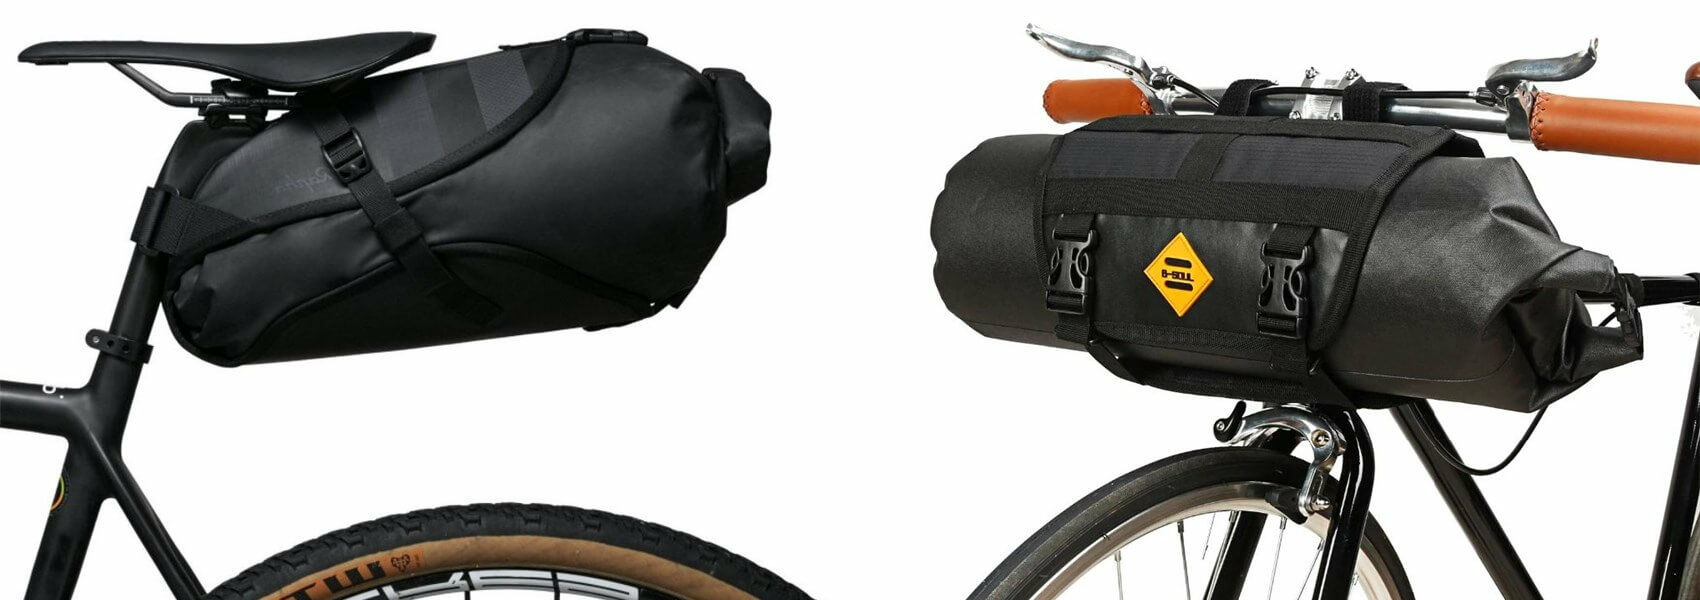 2k_bikepacking túra közlekedés mibe pakold a cuccot a kerékpáron, melyik táska hova és mire való